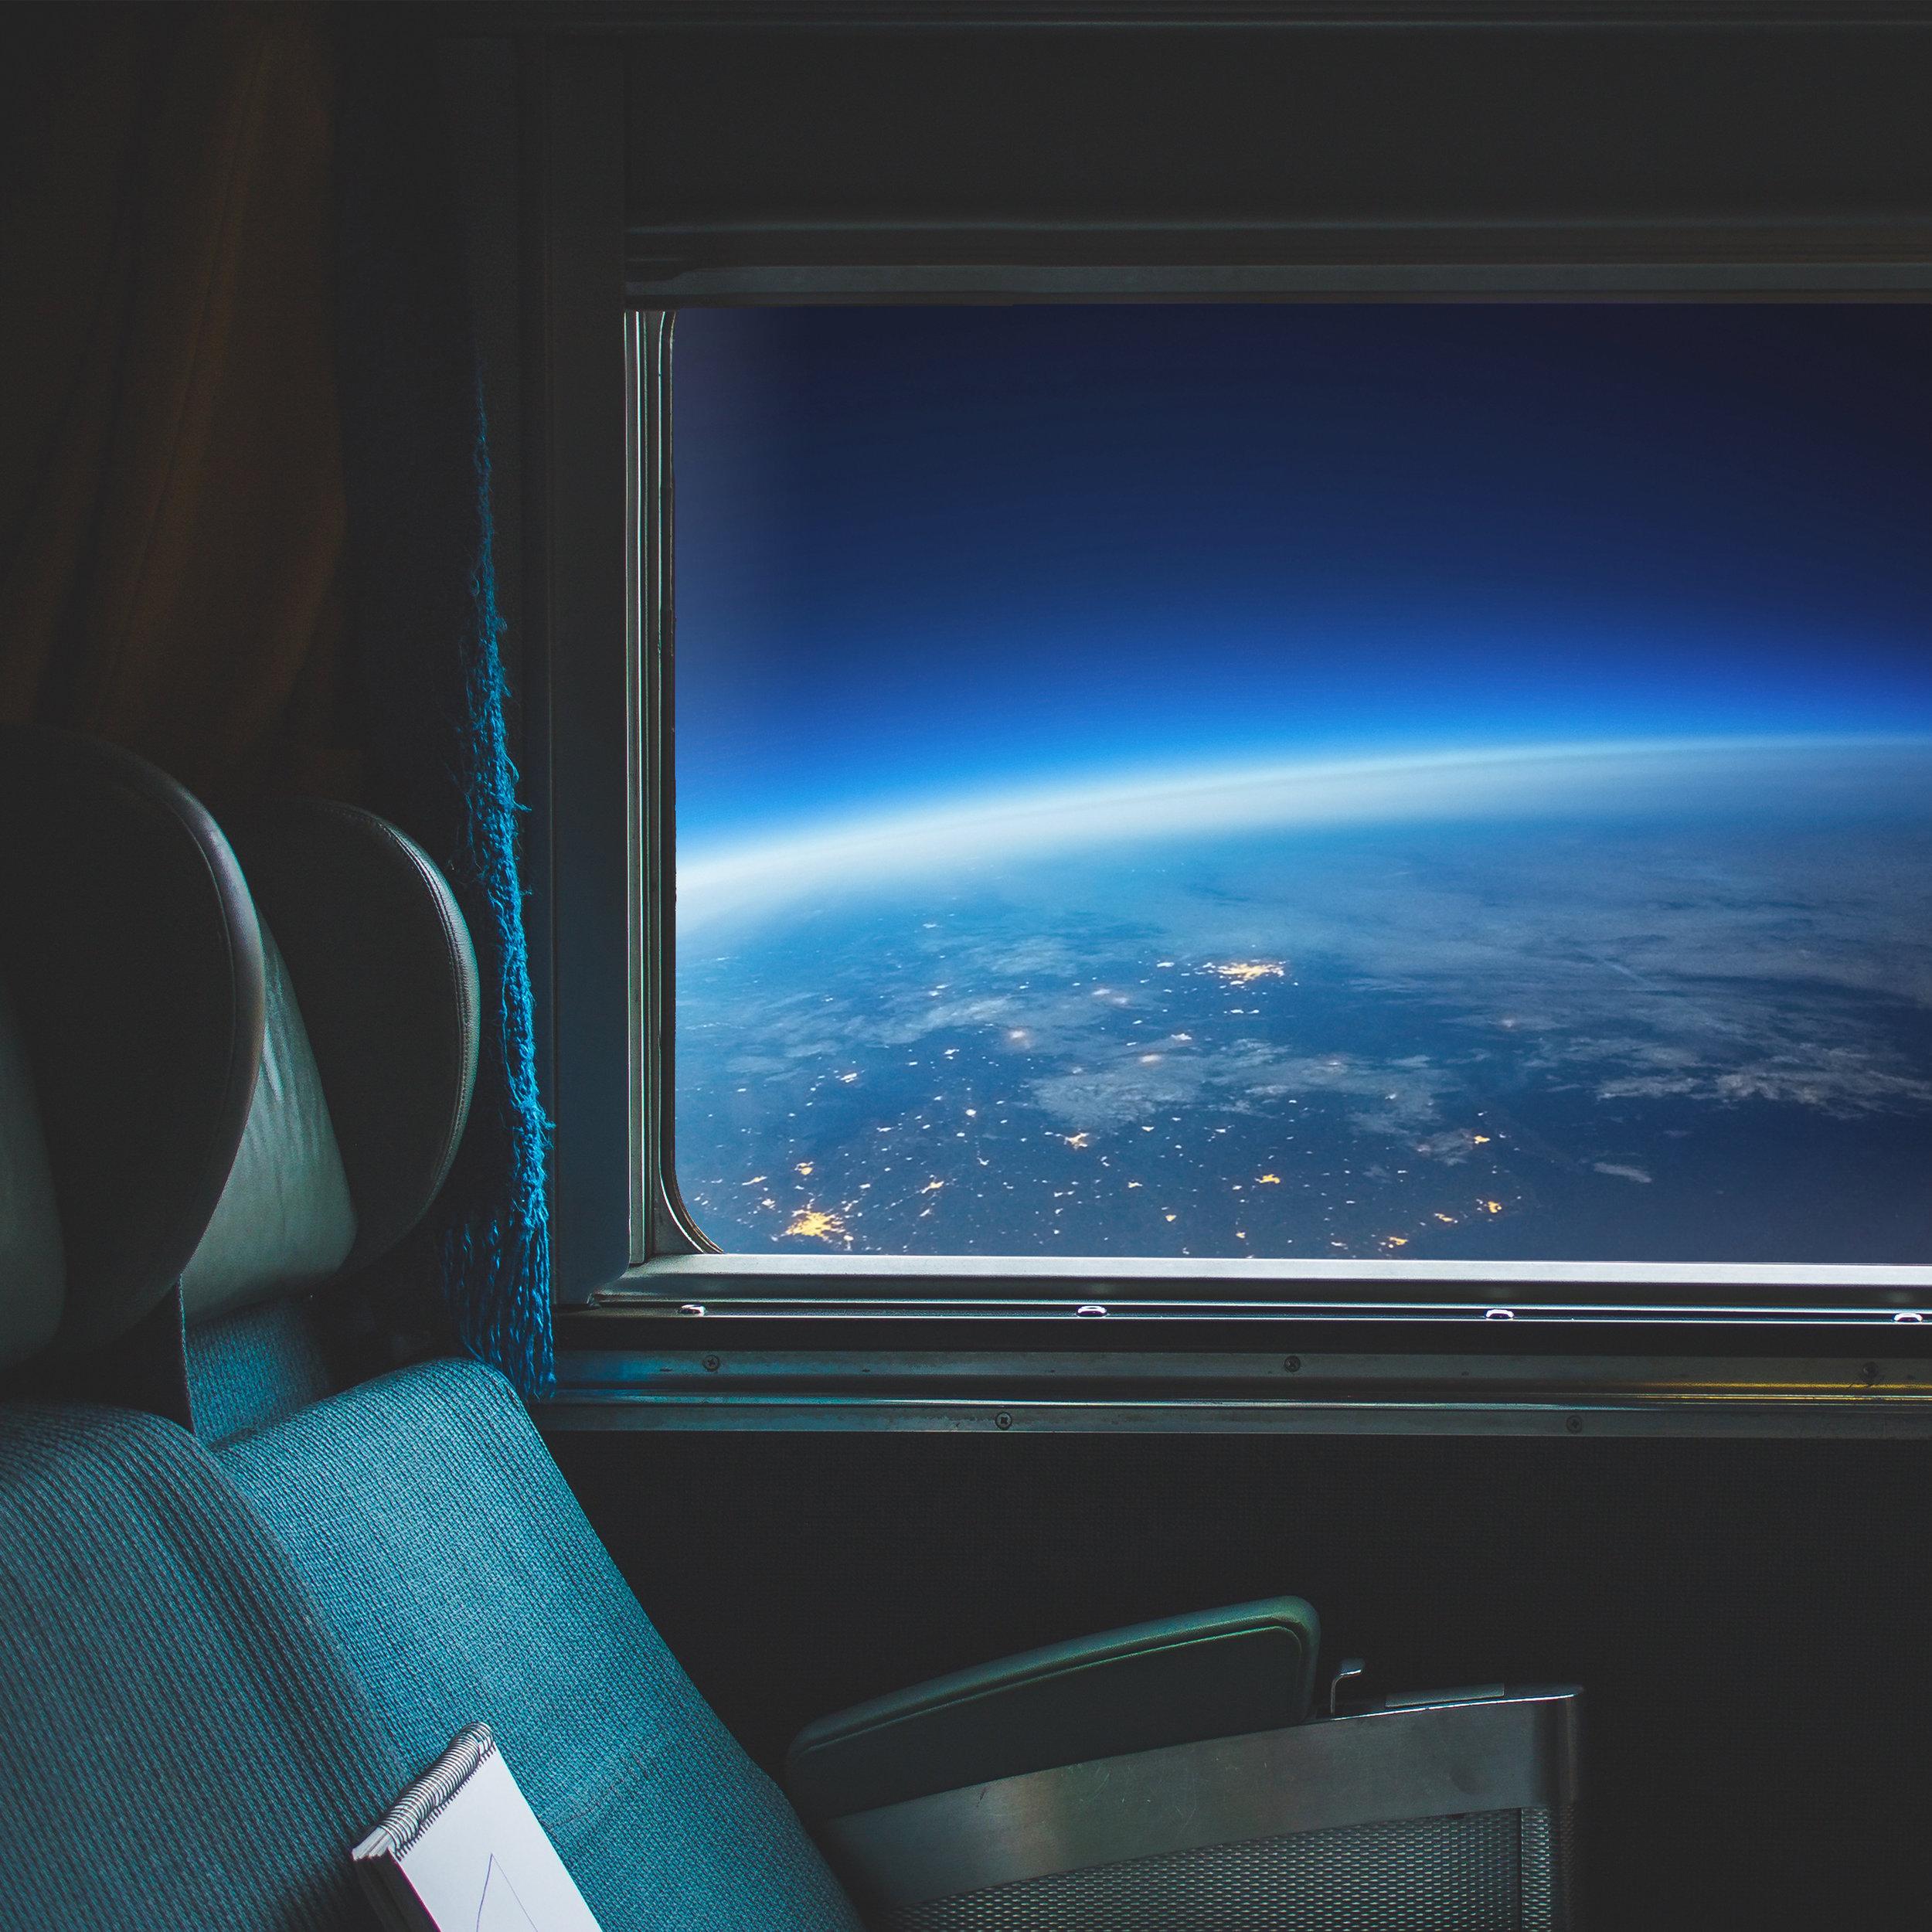 WindowSeat2.jpg